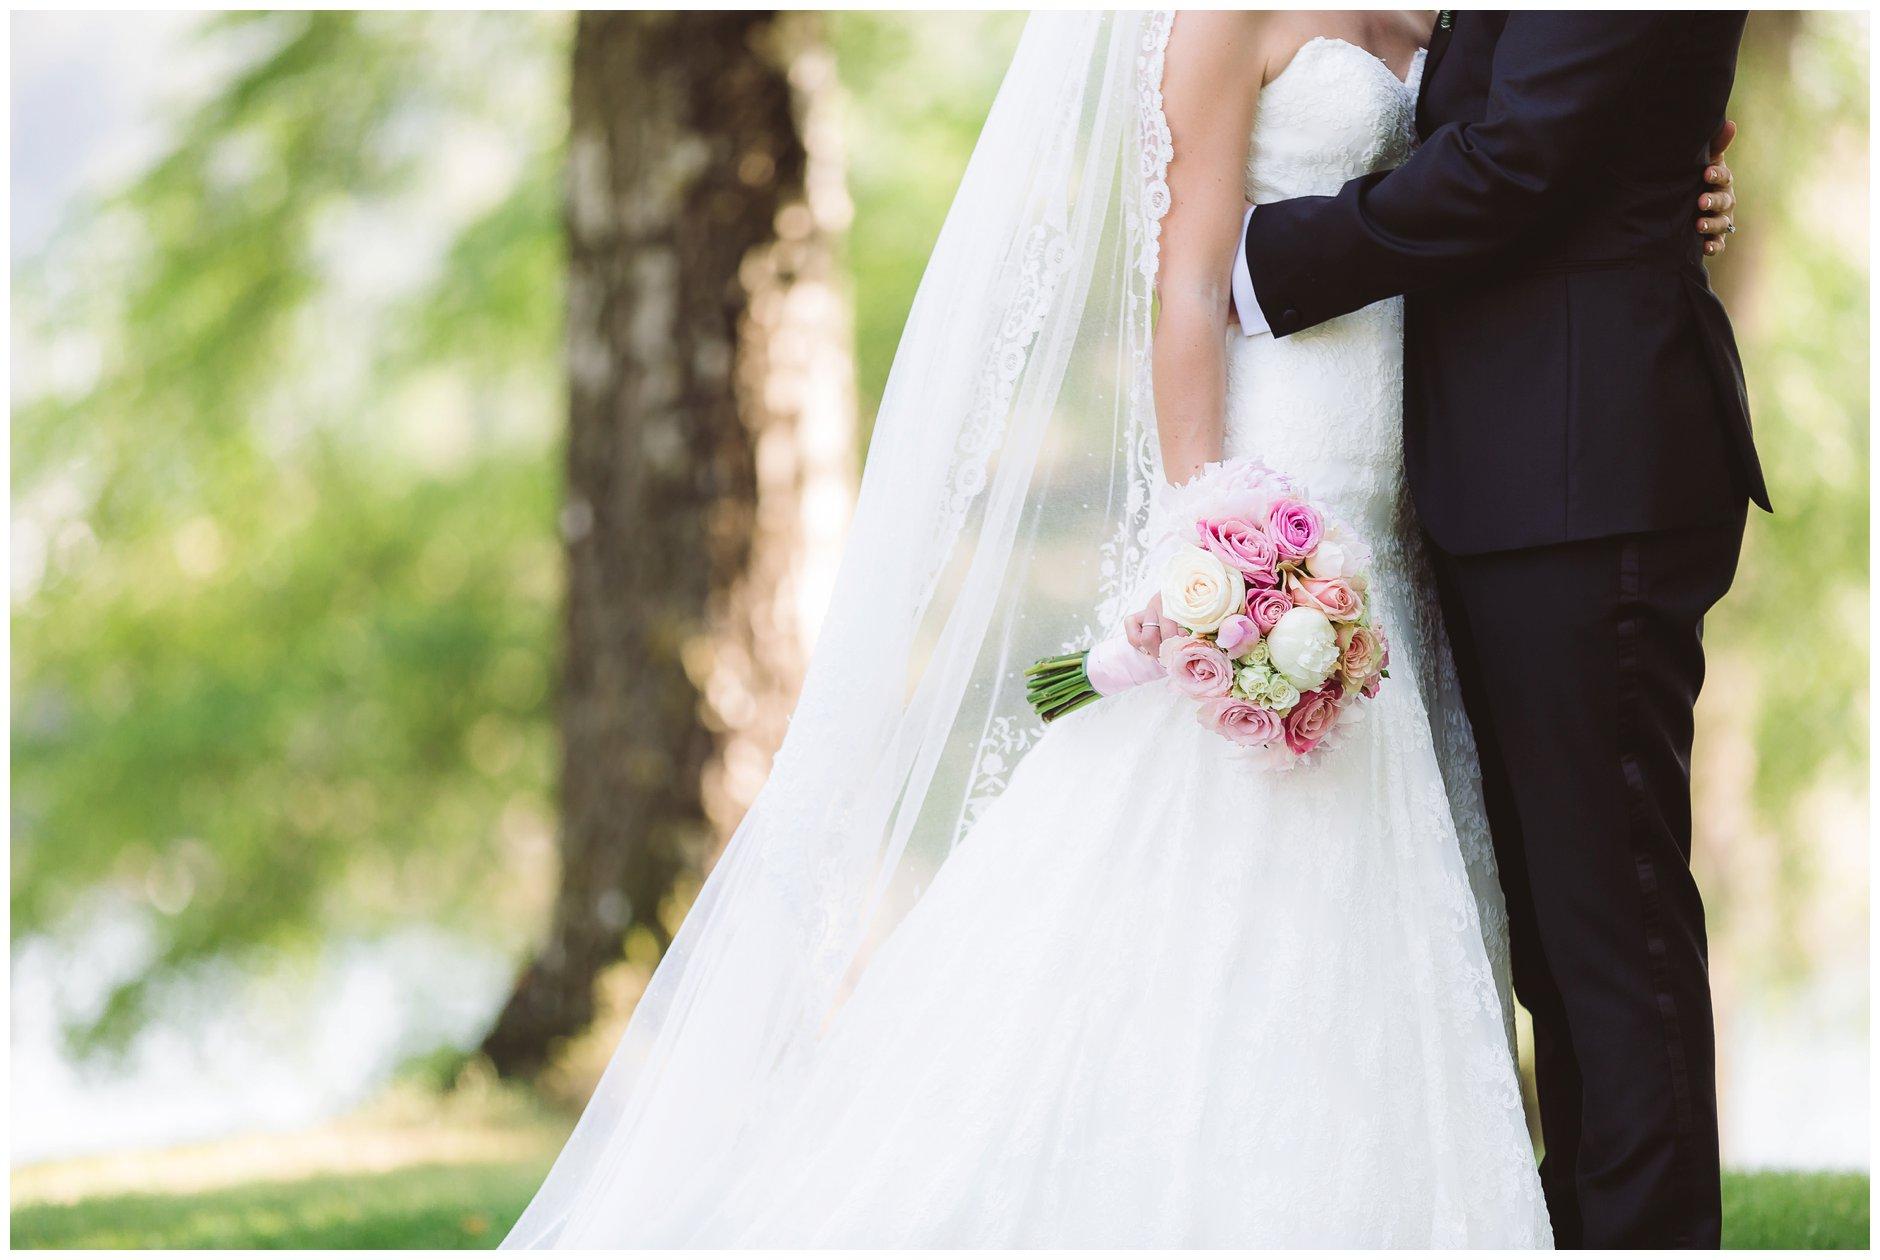 Fotograf-Eline-Jacobine-Bryllupsbilder-detaljer-Ullern-Vækerøparken_0013